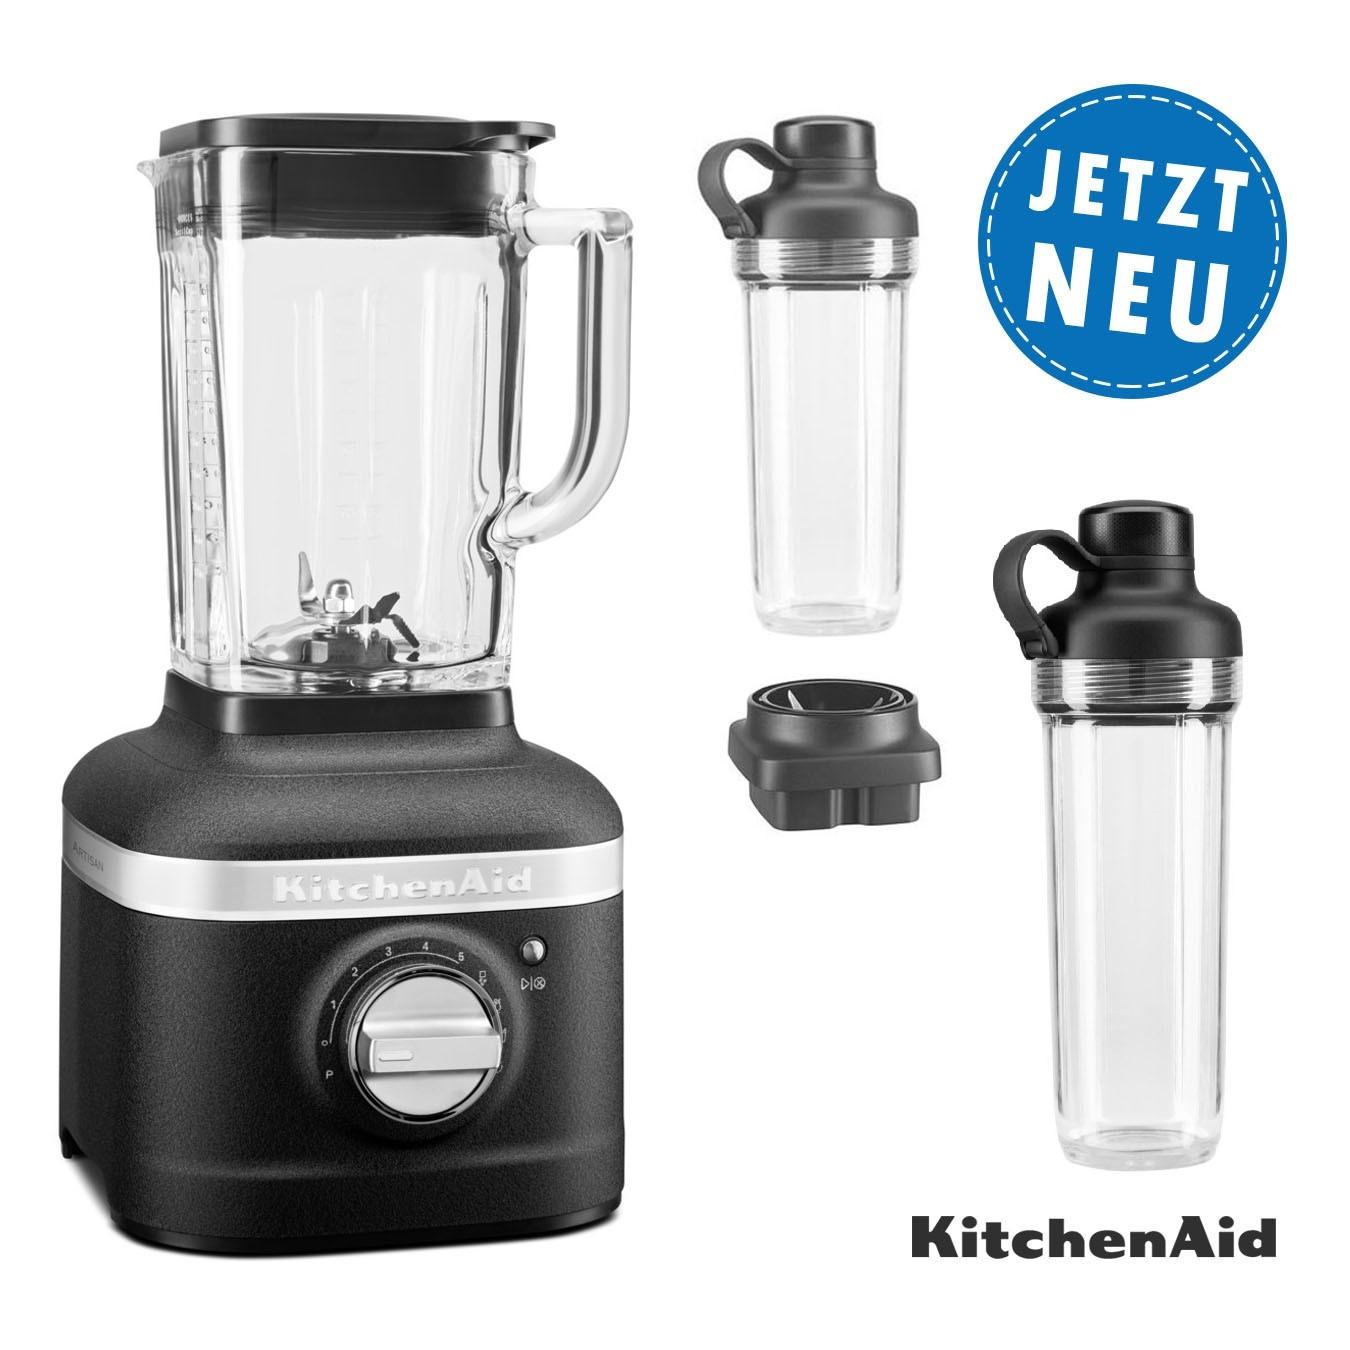 KitchenAid ARTISAN K400 Standmixer 5KSB4026 gusseisenschwarz mit 2xTo-Go-Behälter und Klingen